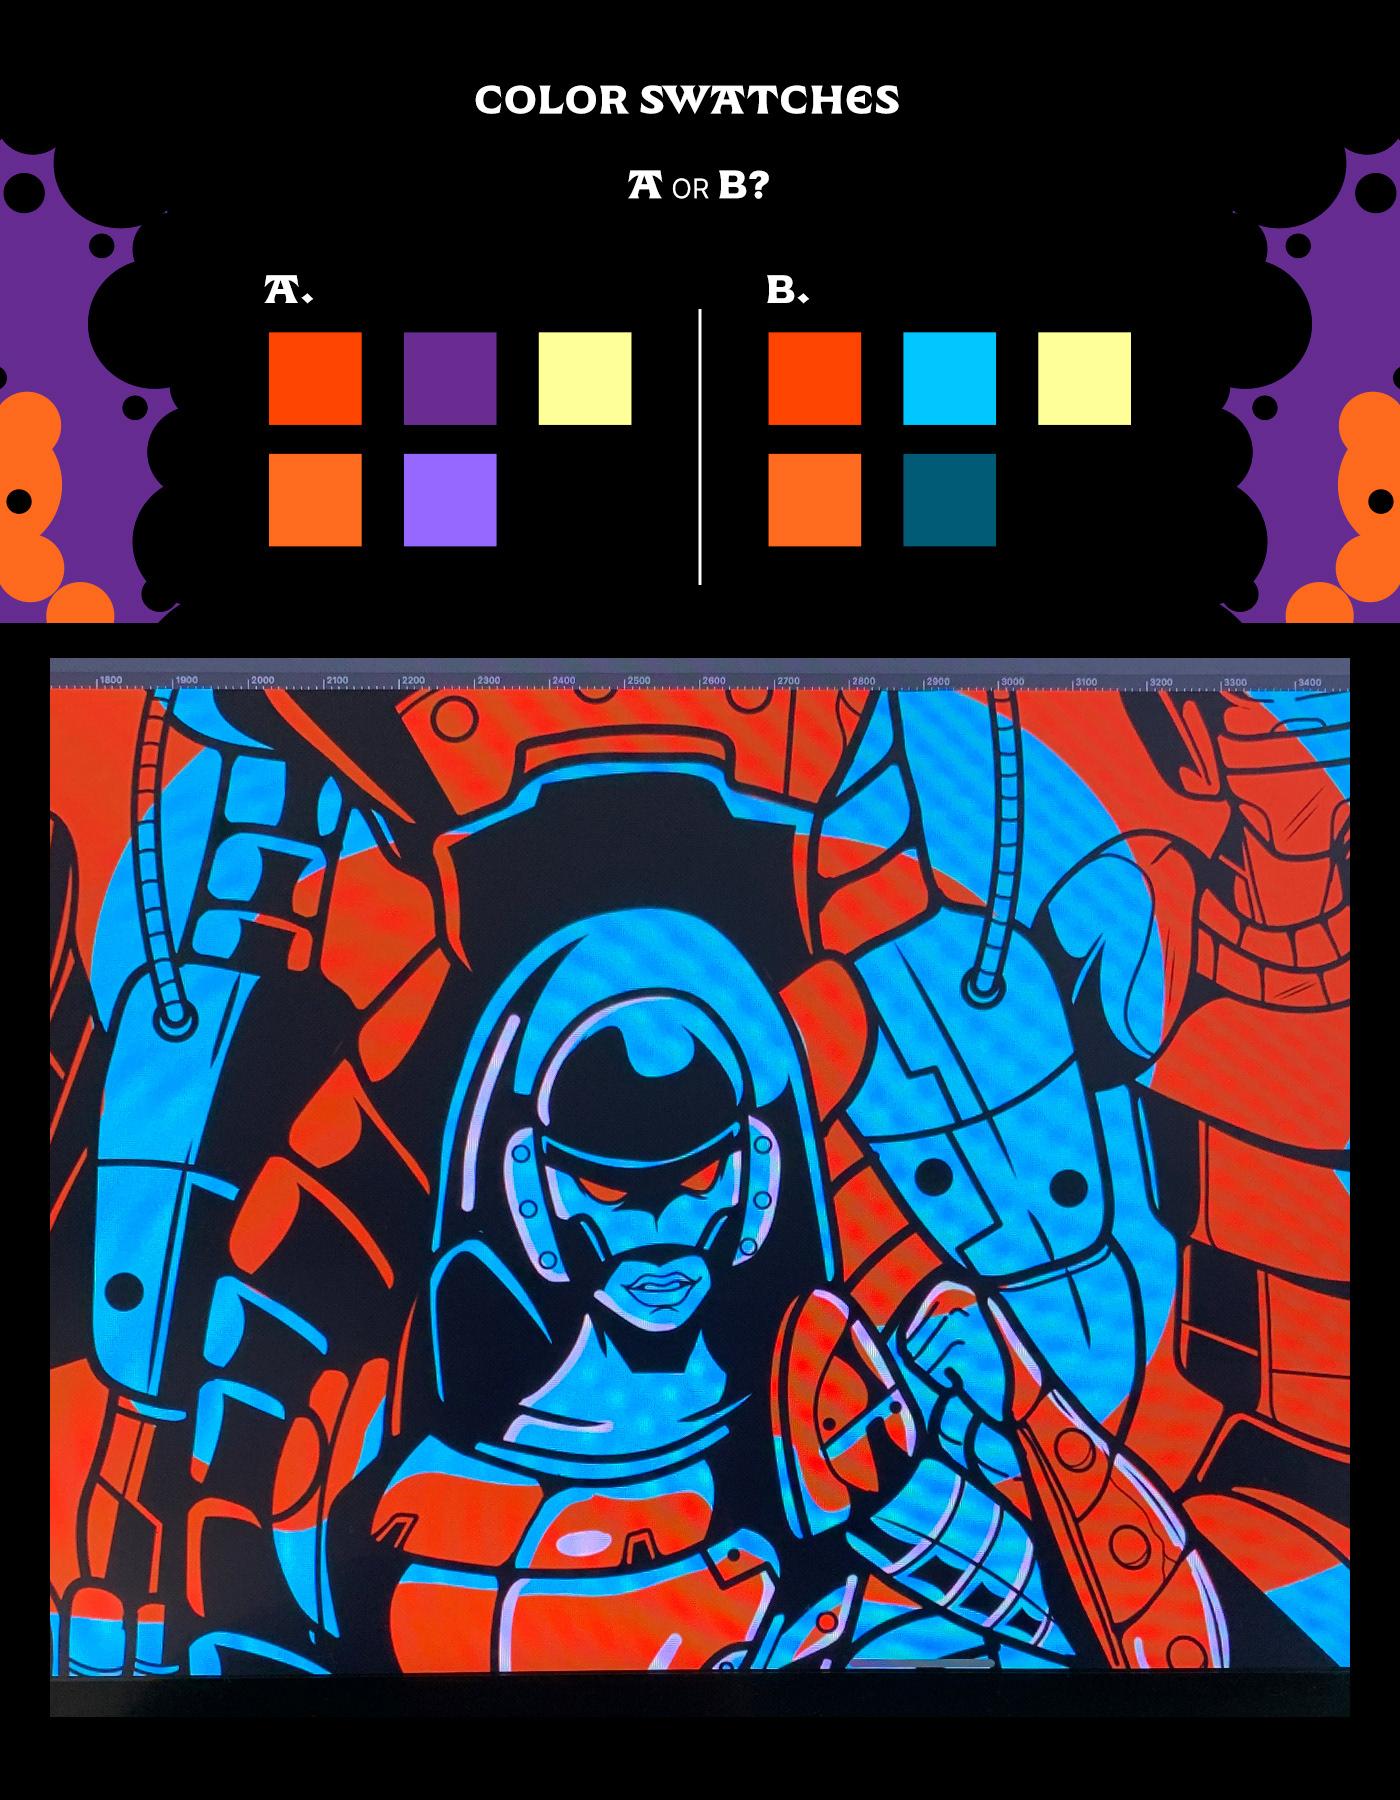 Image may contain: cartoon, screenshot and art